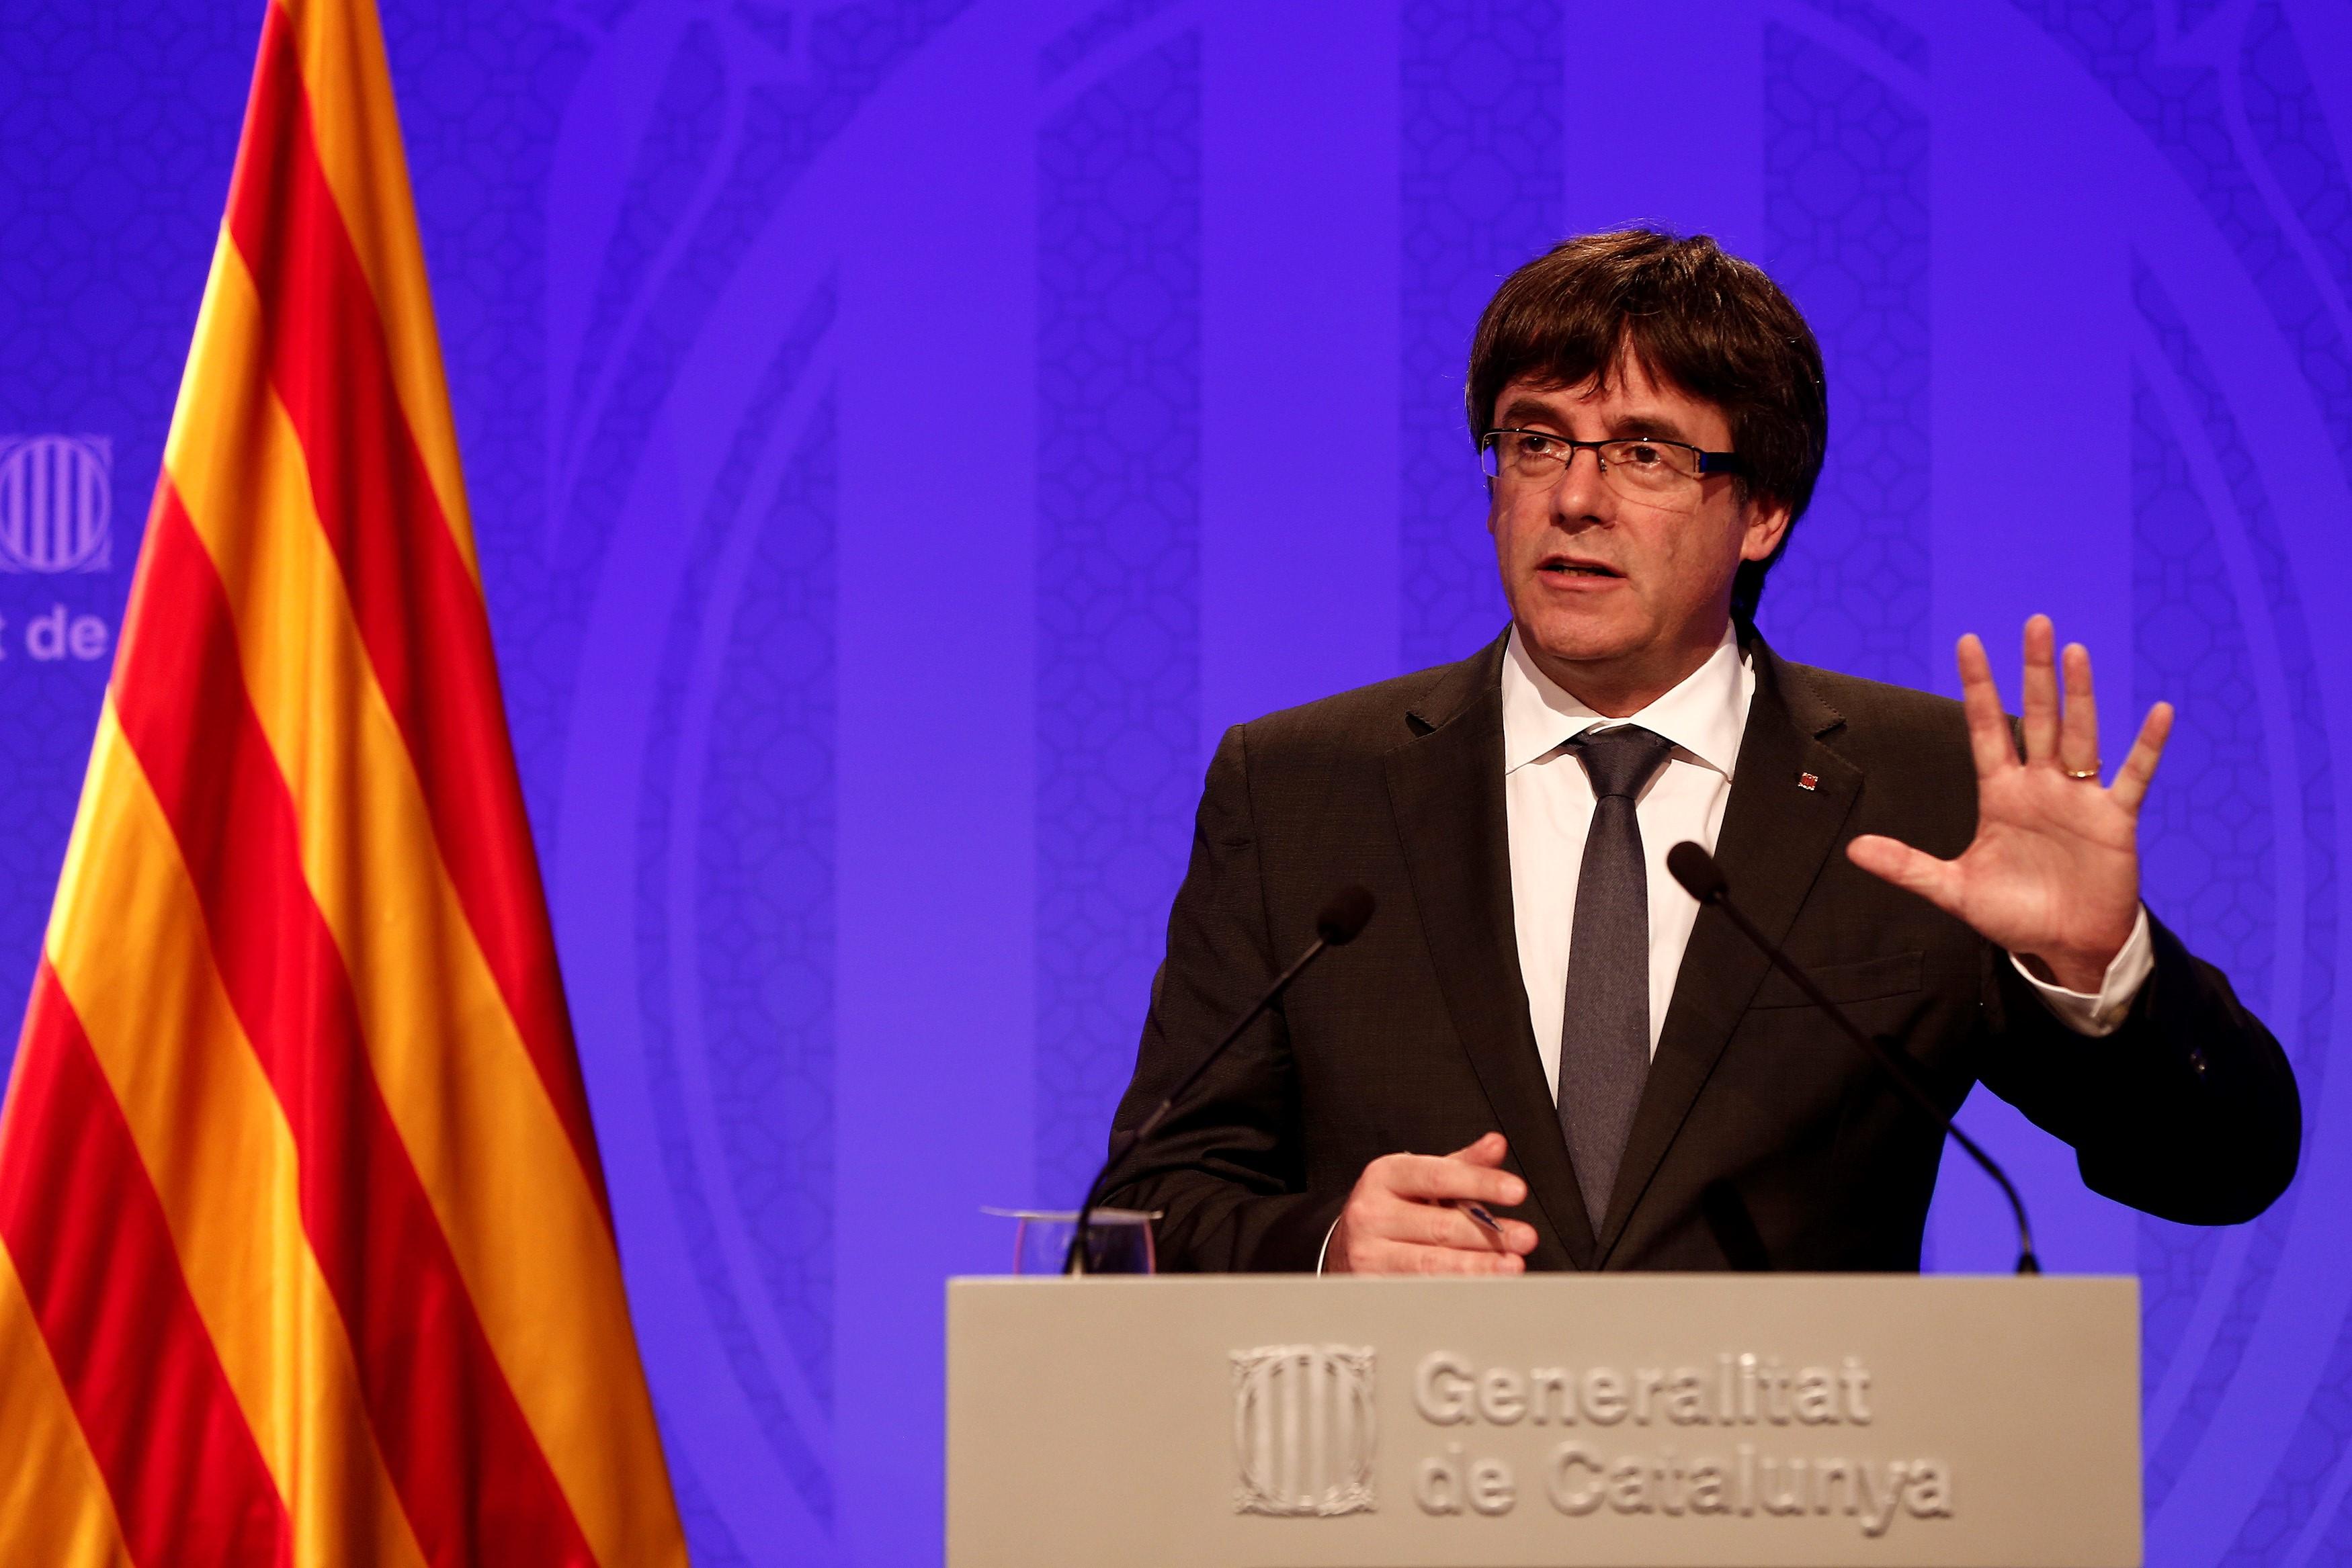 Spanyolország nemzetközi elfogatóparancsot ad ki Puigdemont és társai ellen